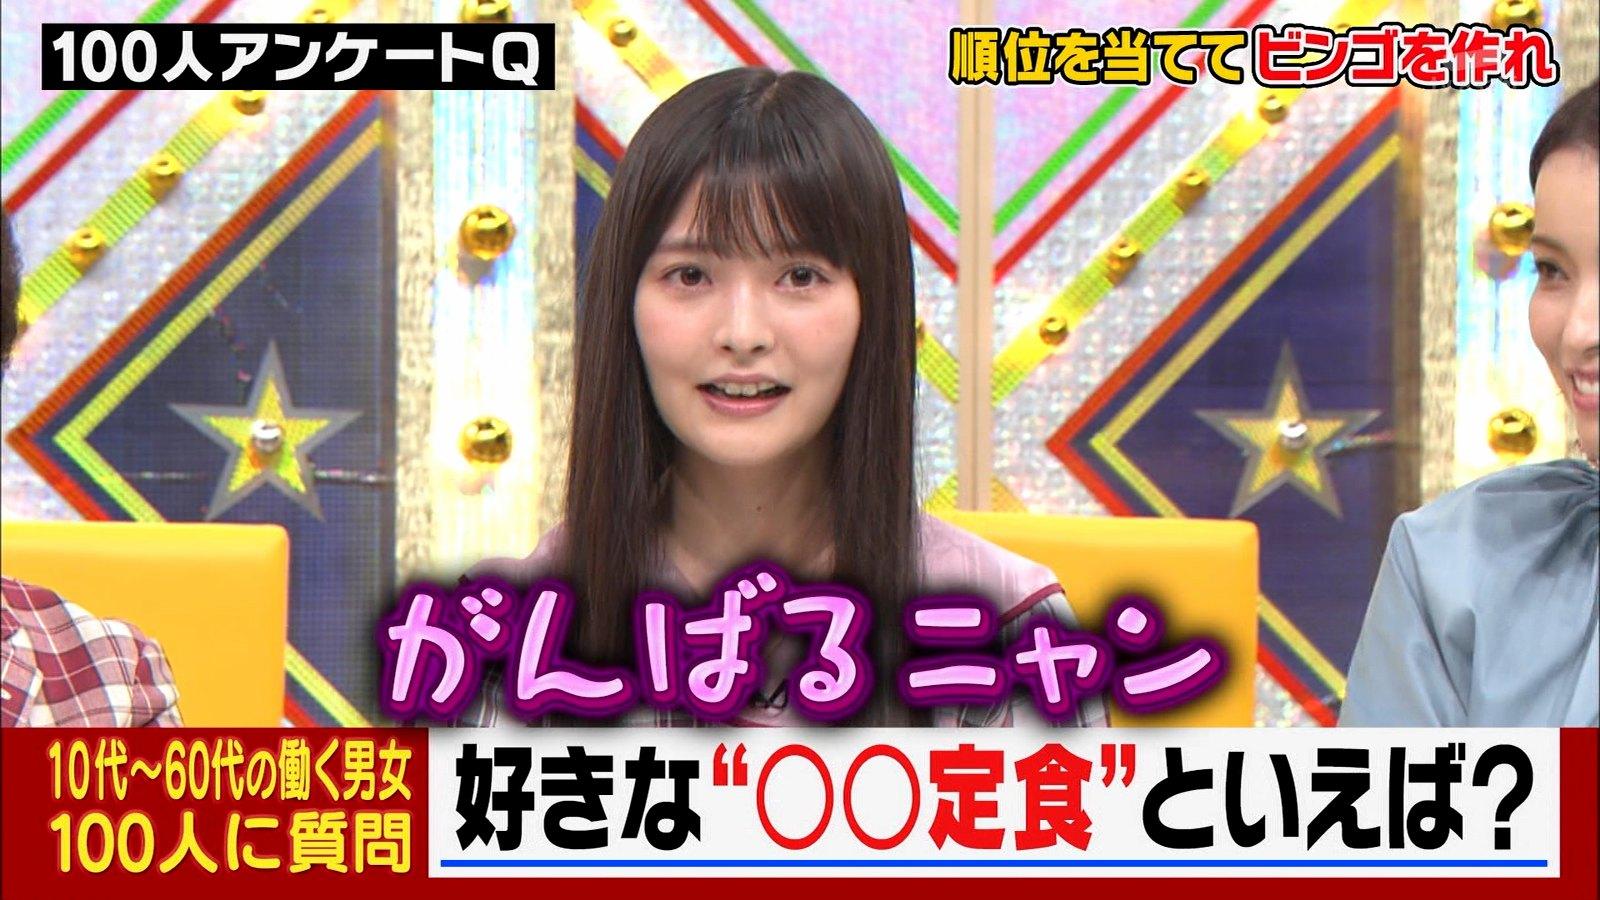 【朗報】声優の上坂すみれ(プリキュア)ちゃん、地上波番組に出演し大反響